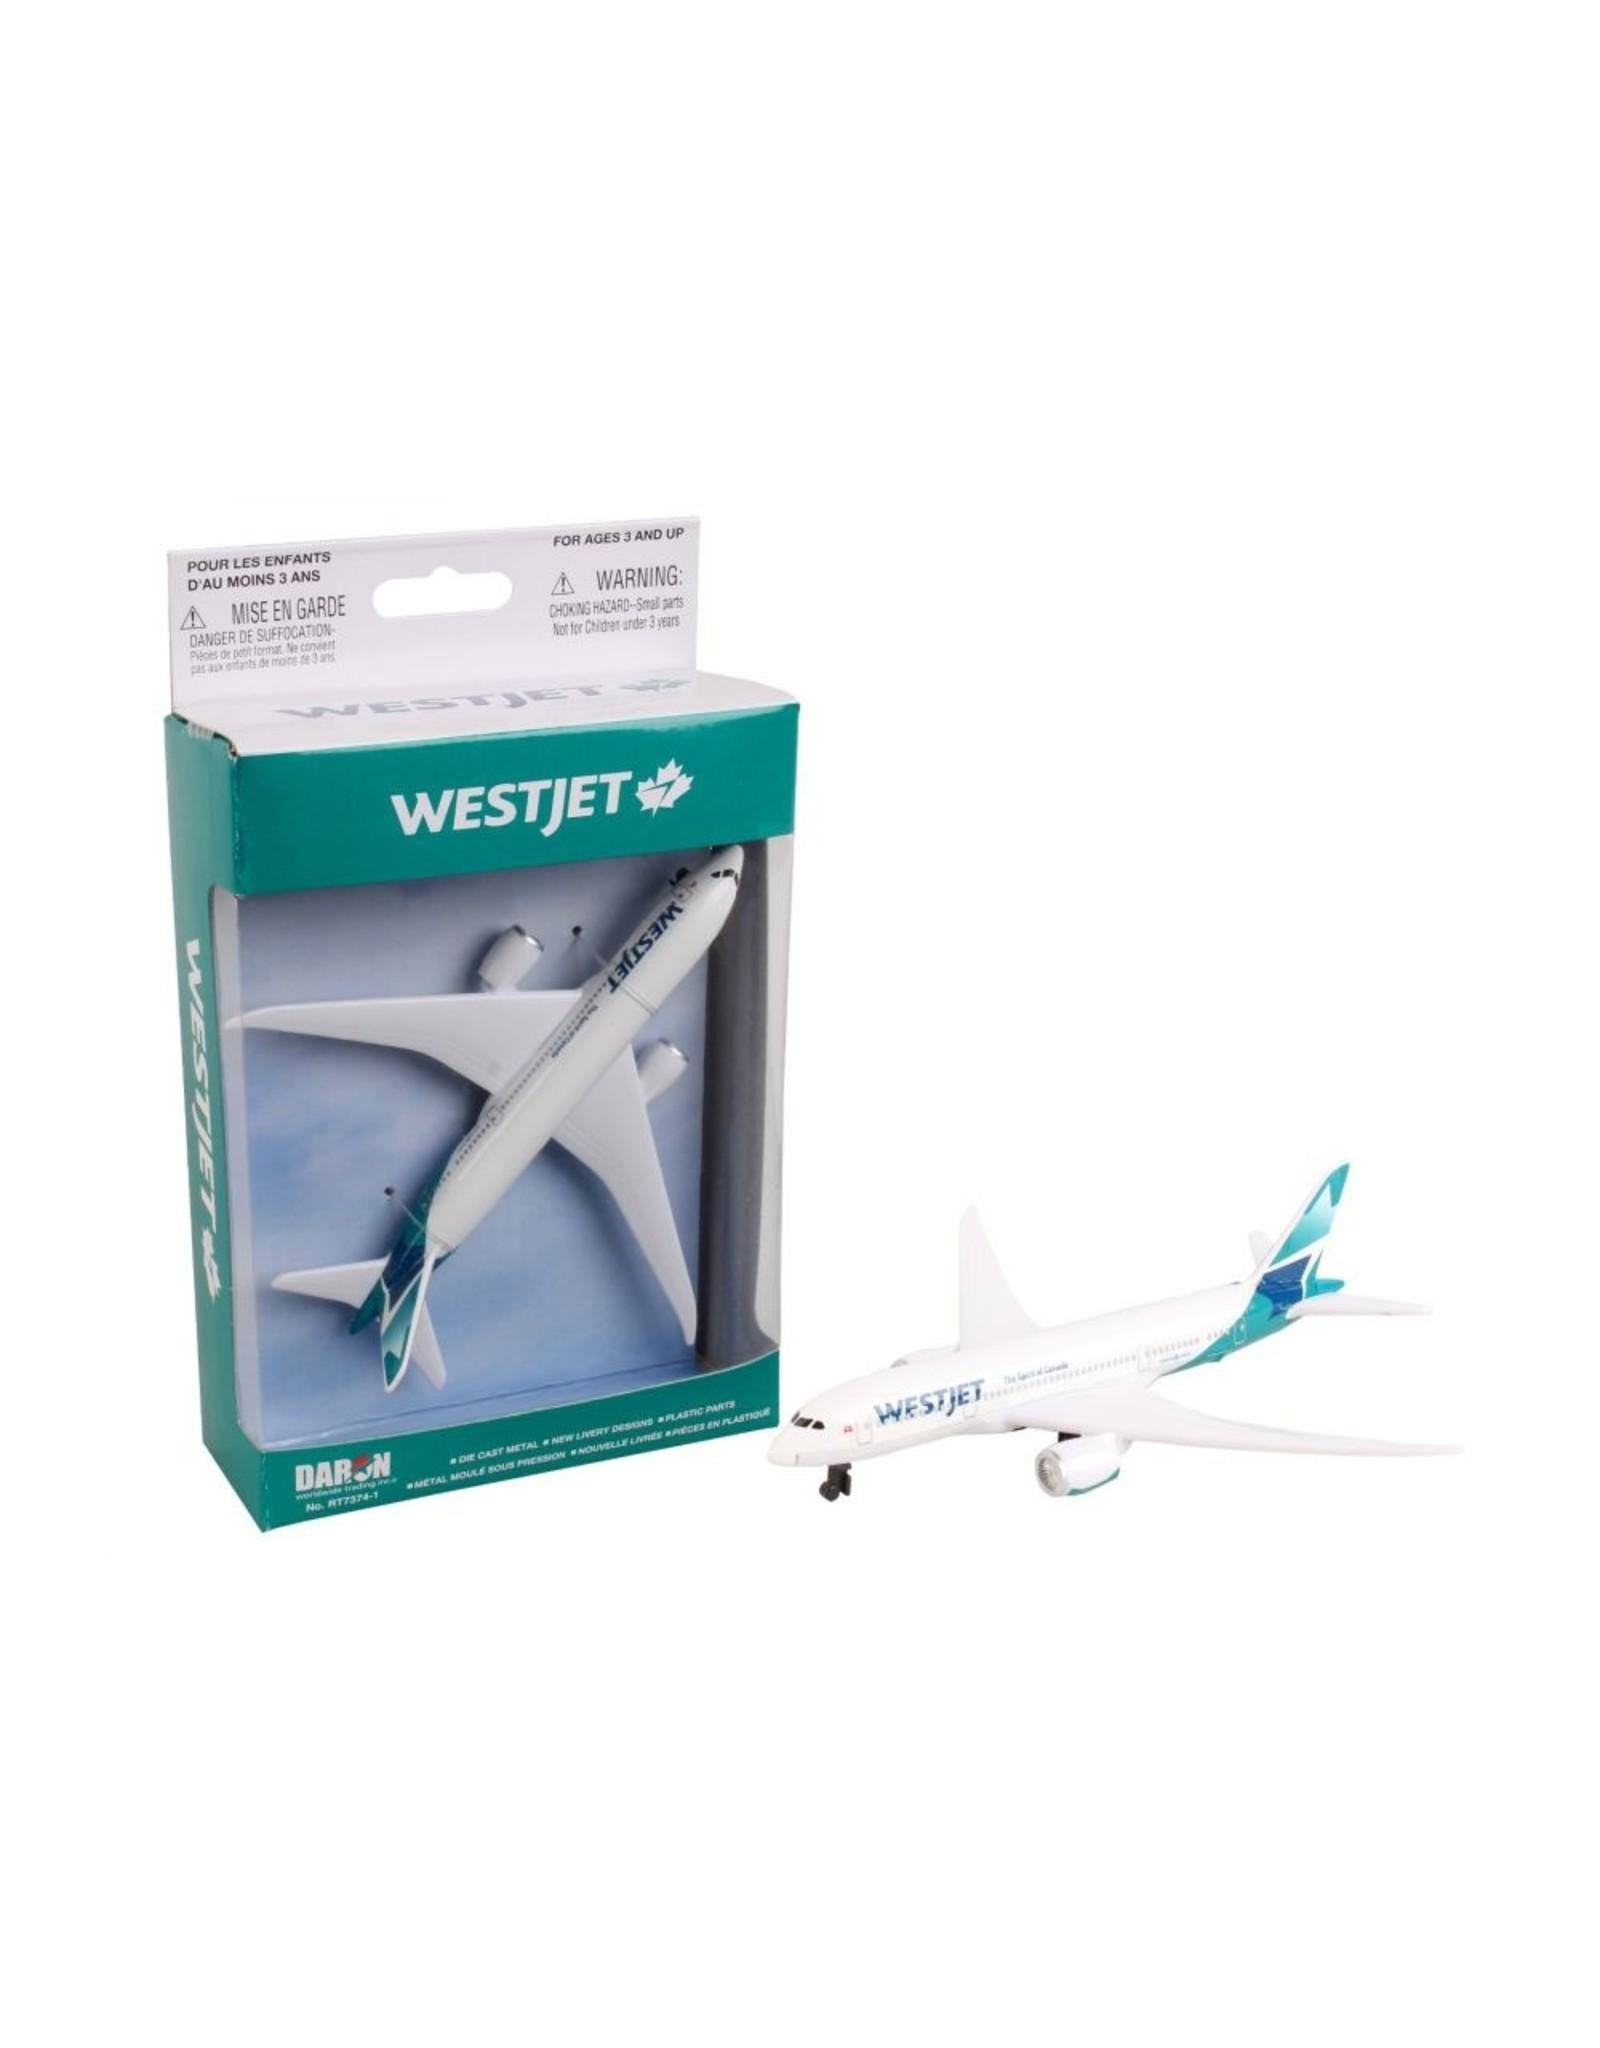 Single Plane Westjet 787 new